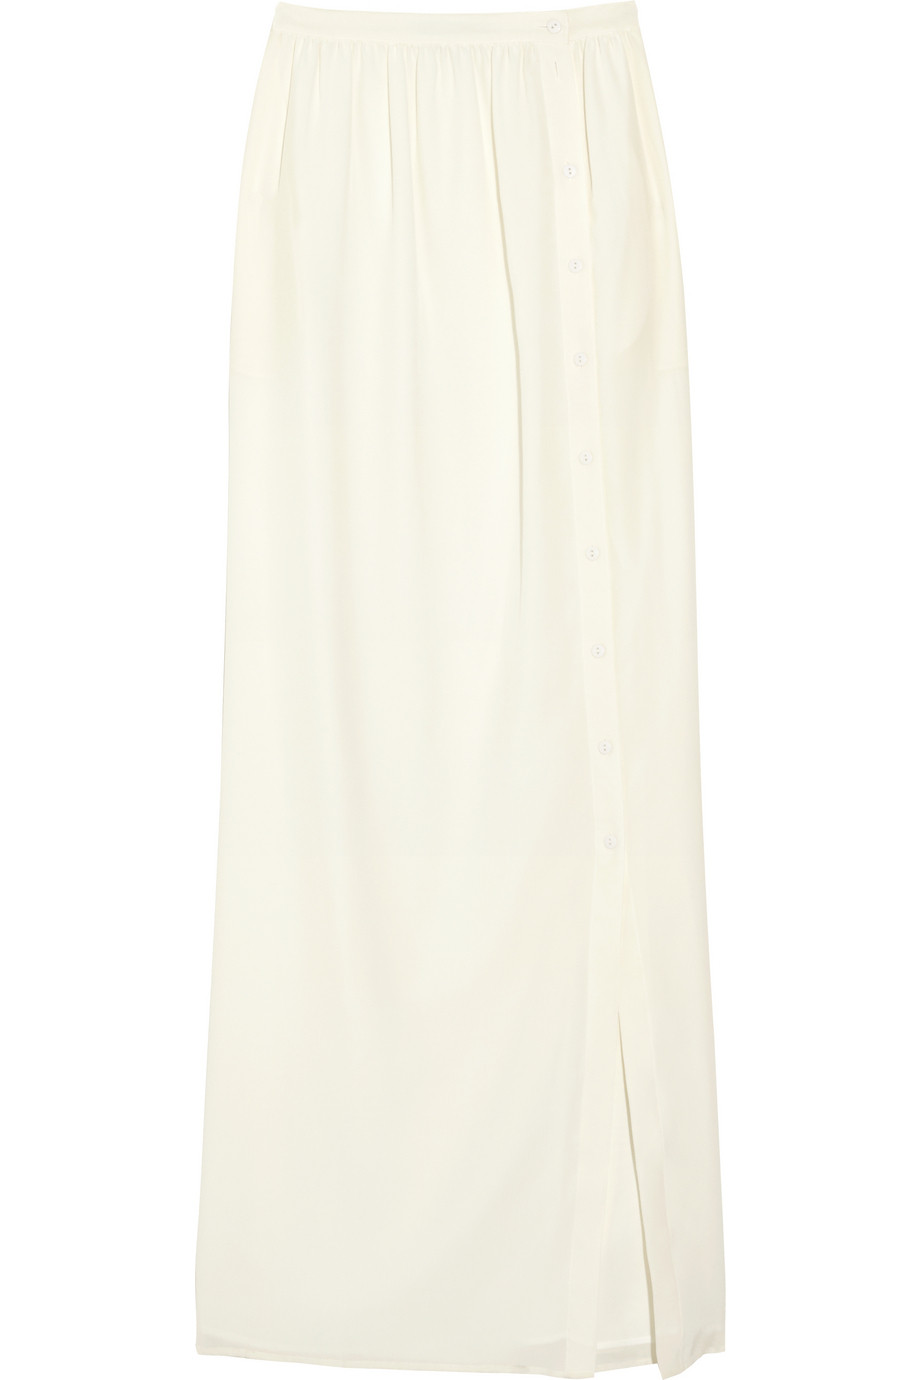 Tibi Silk-crepe Maxi Skirt in White | Lyst